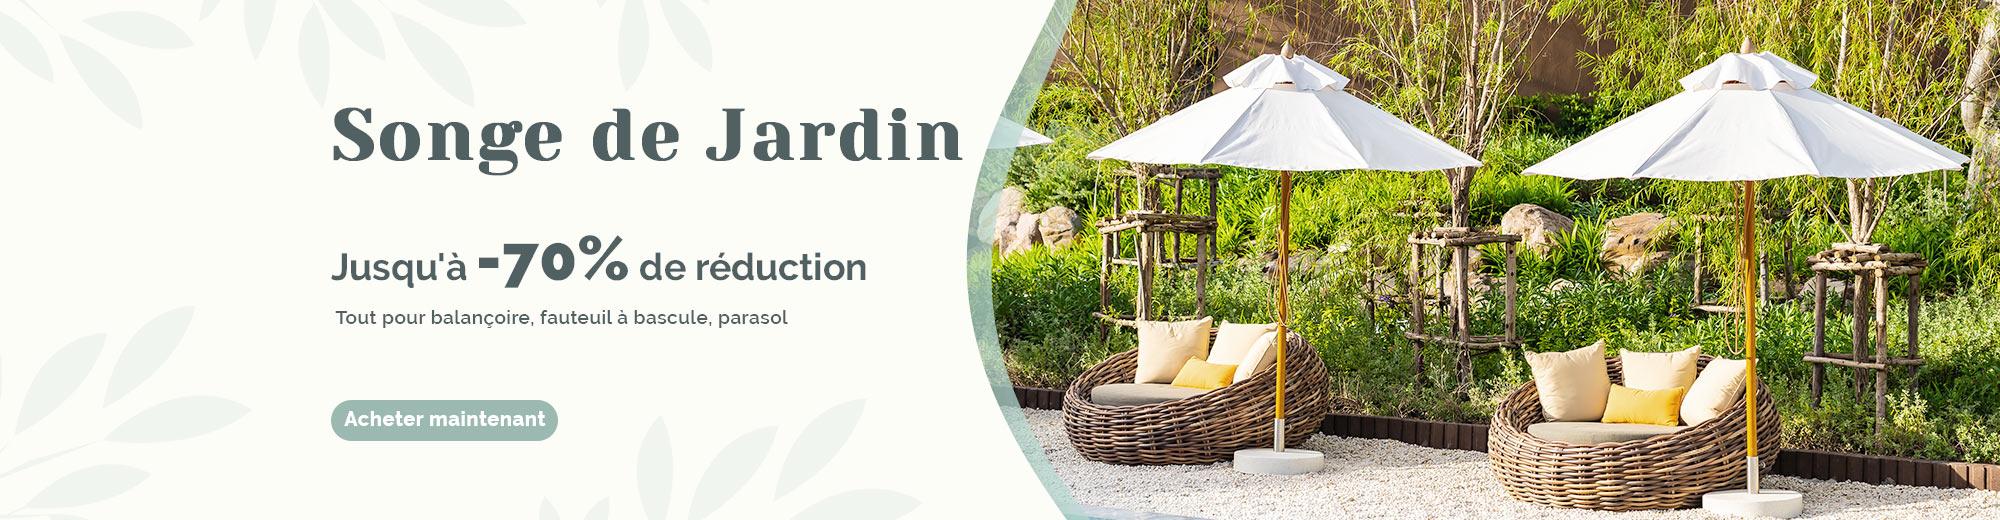 Redonnez une jeunesse à votre jardin avec la super remise! Découvrez notre offre spéciale jardin et profitez d'une livraison gratuite sur tout le site costway.fr!